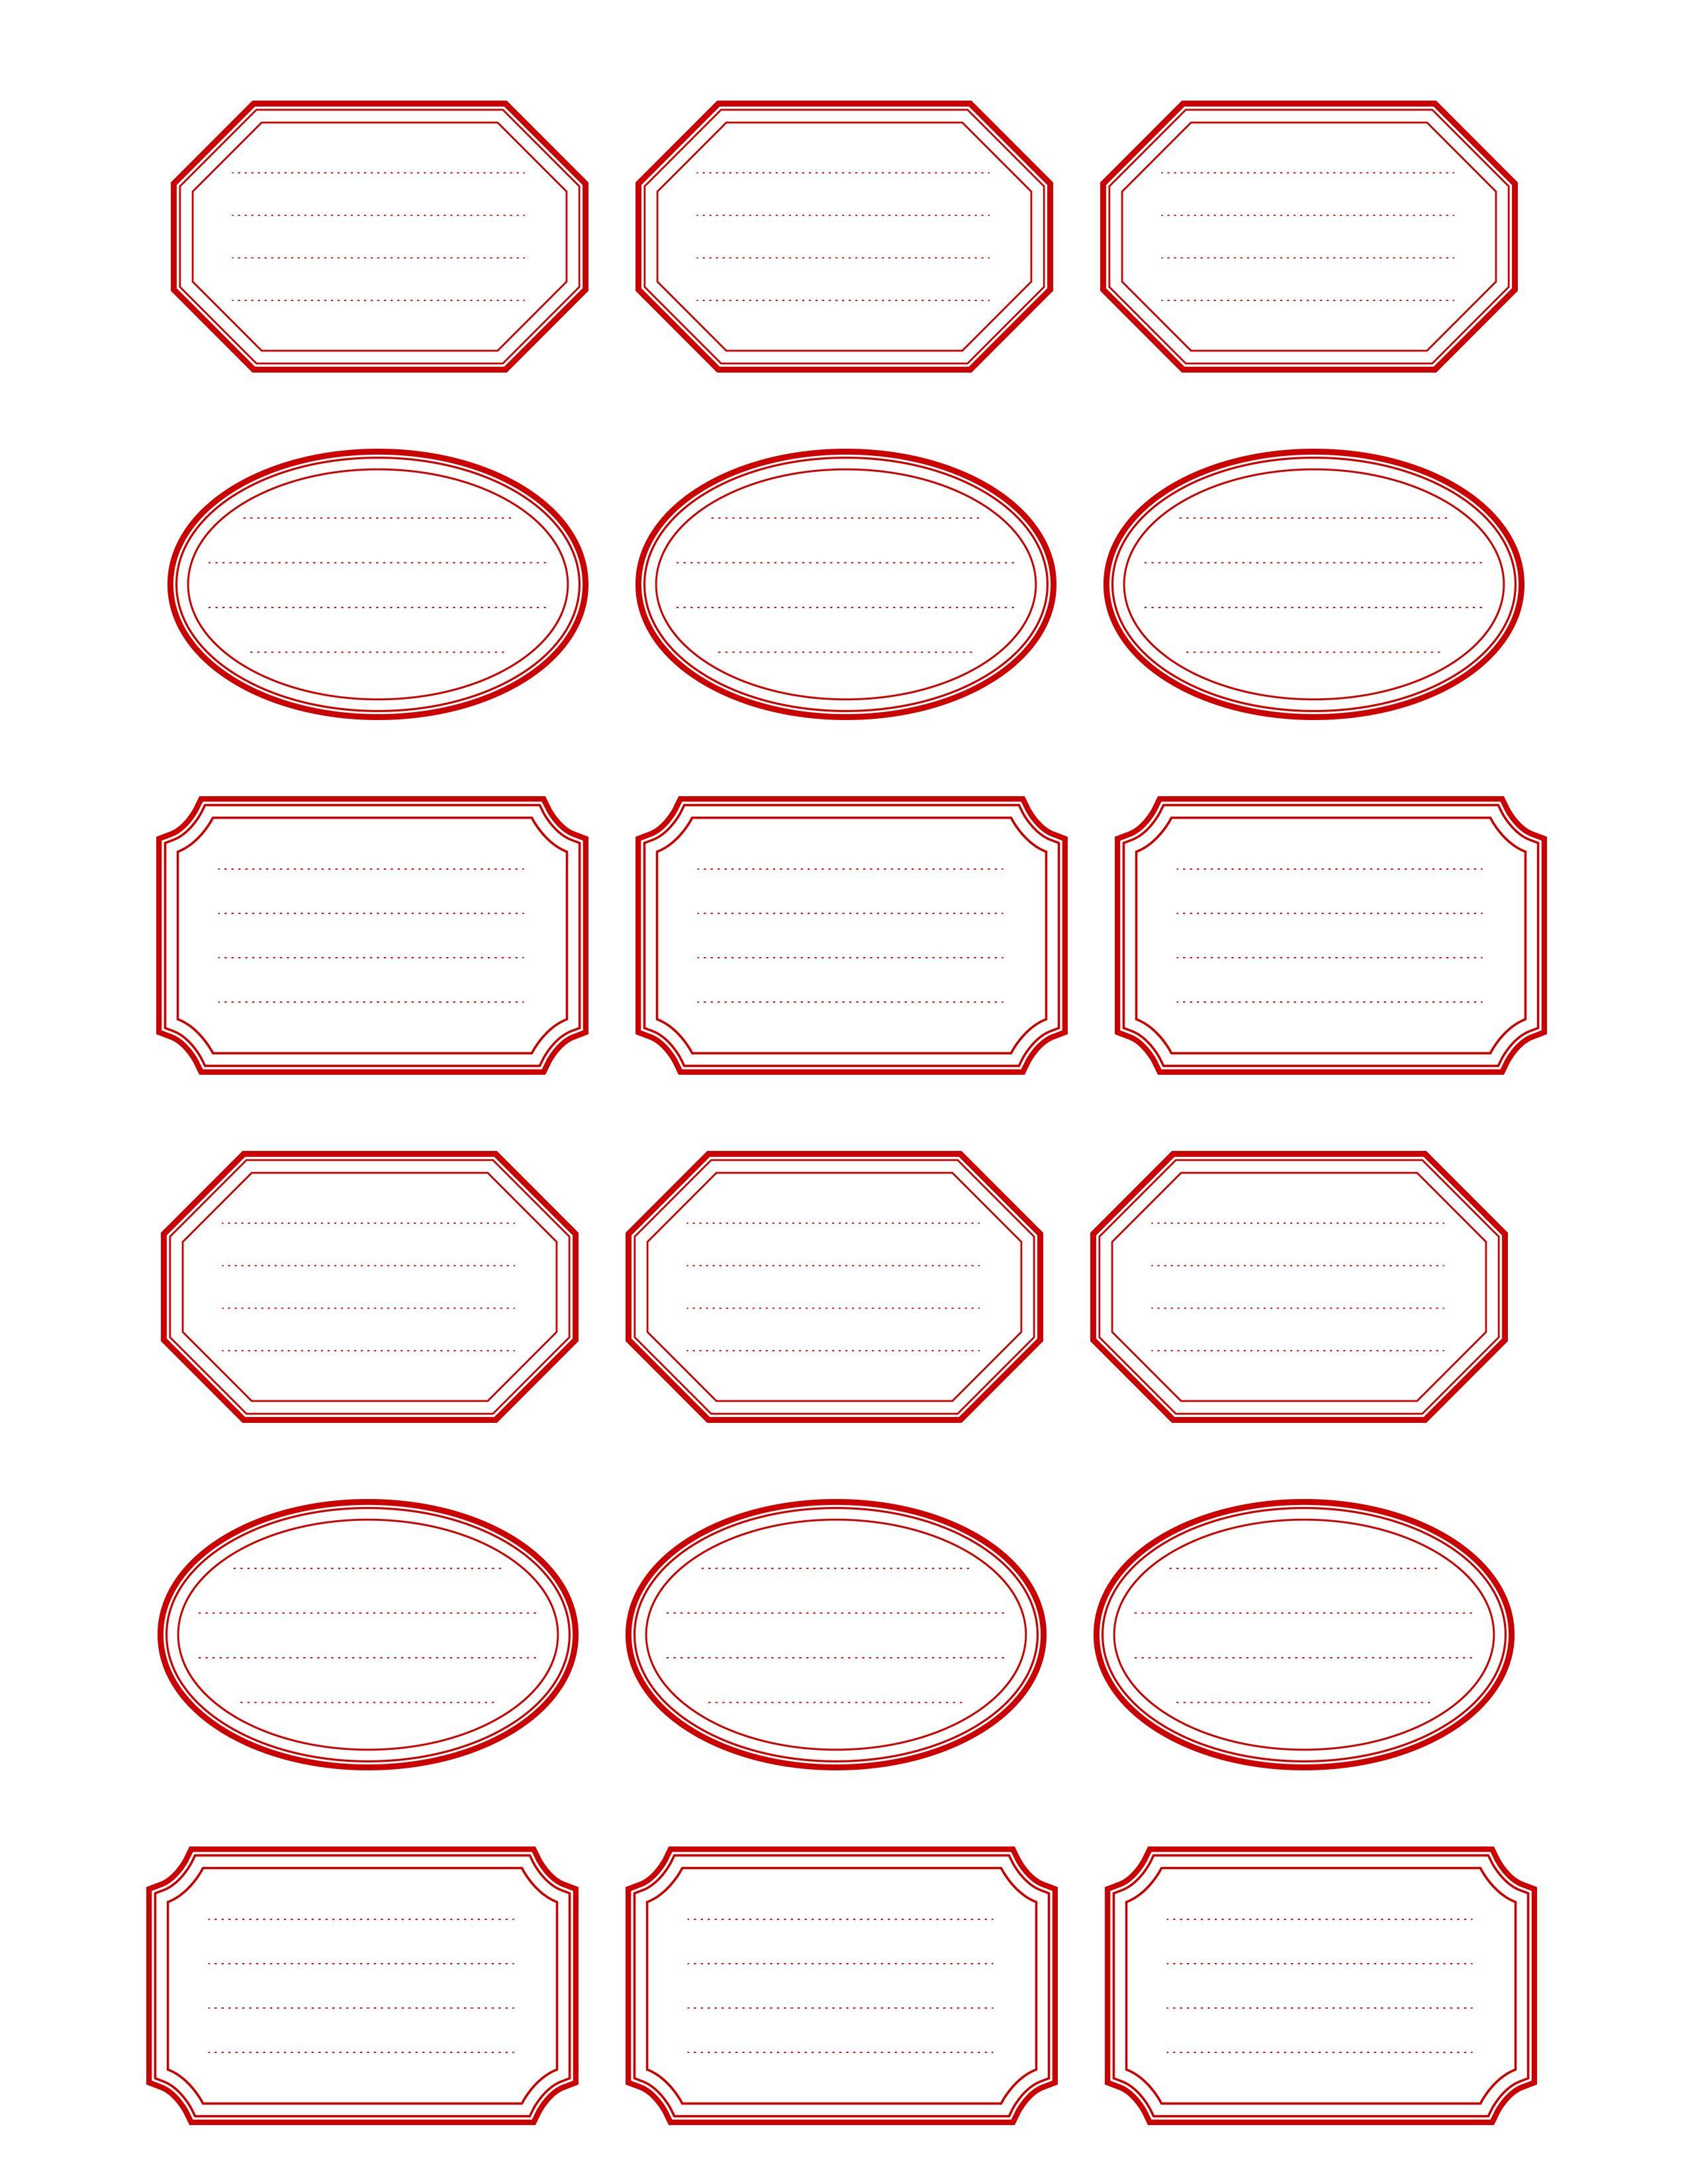 Etiquettes Imprimables | Free Printable Vintage Label Templates Free - Free Editable Printable Labels